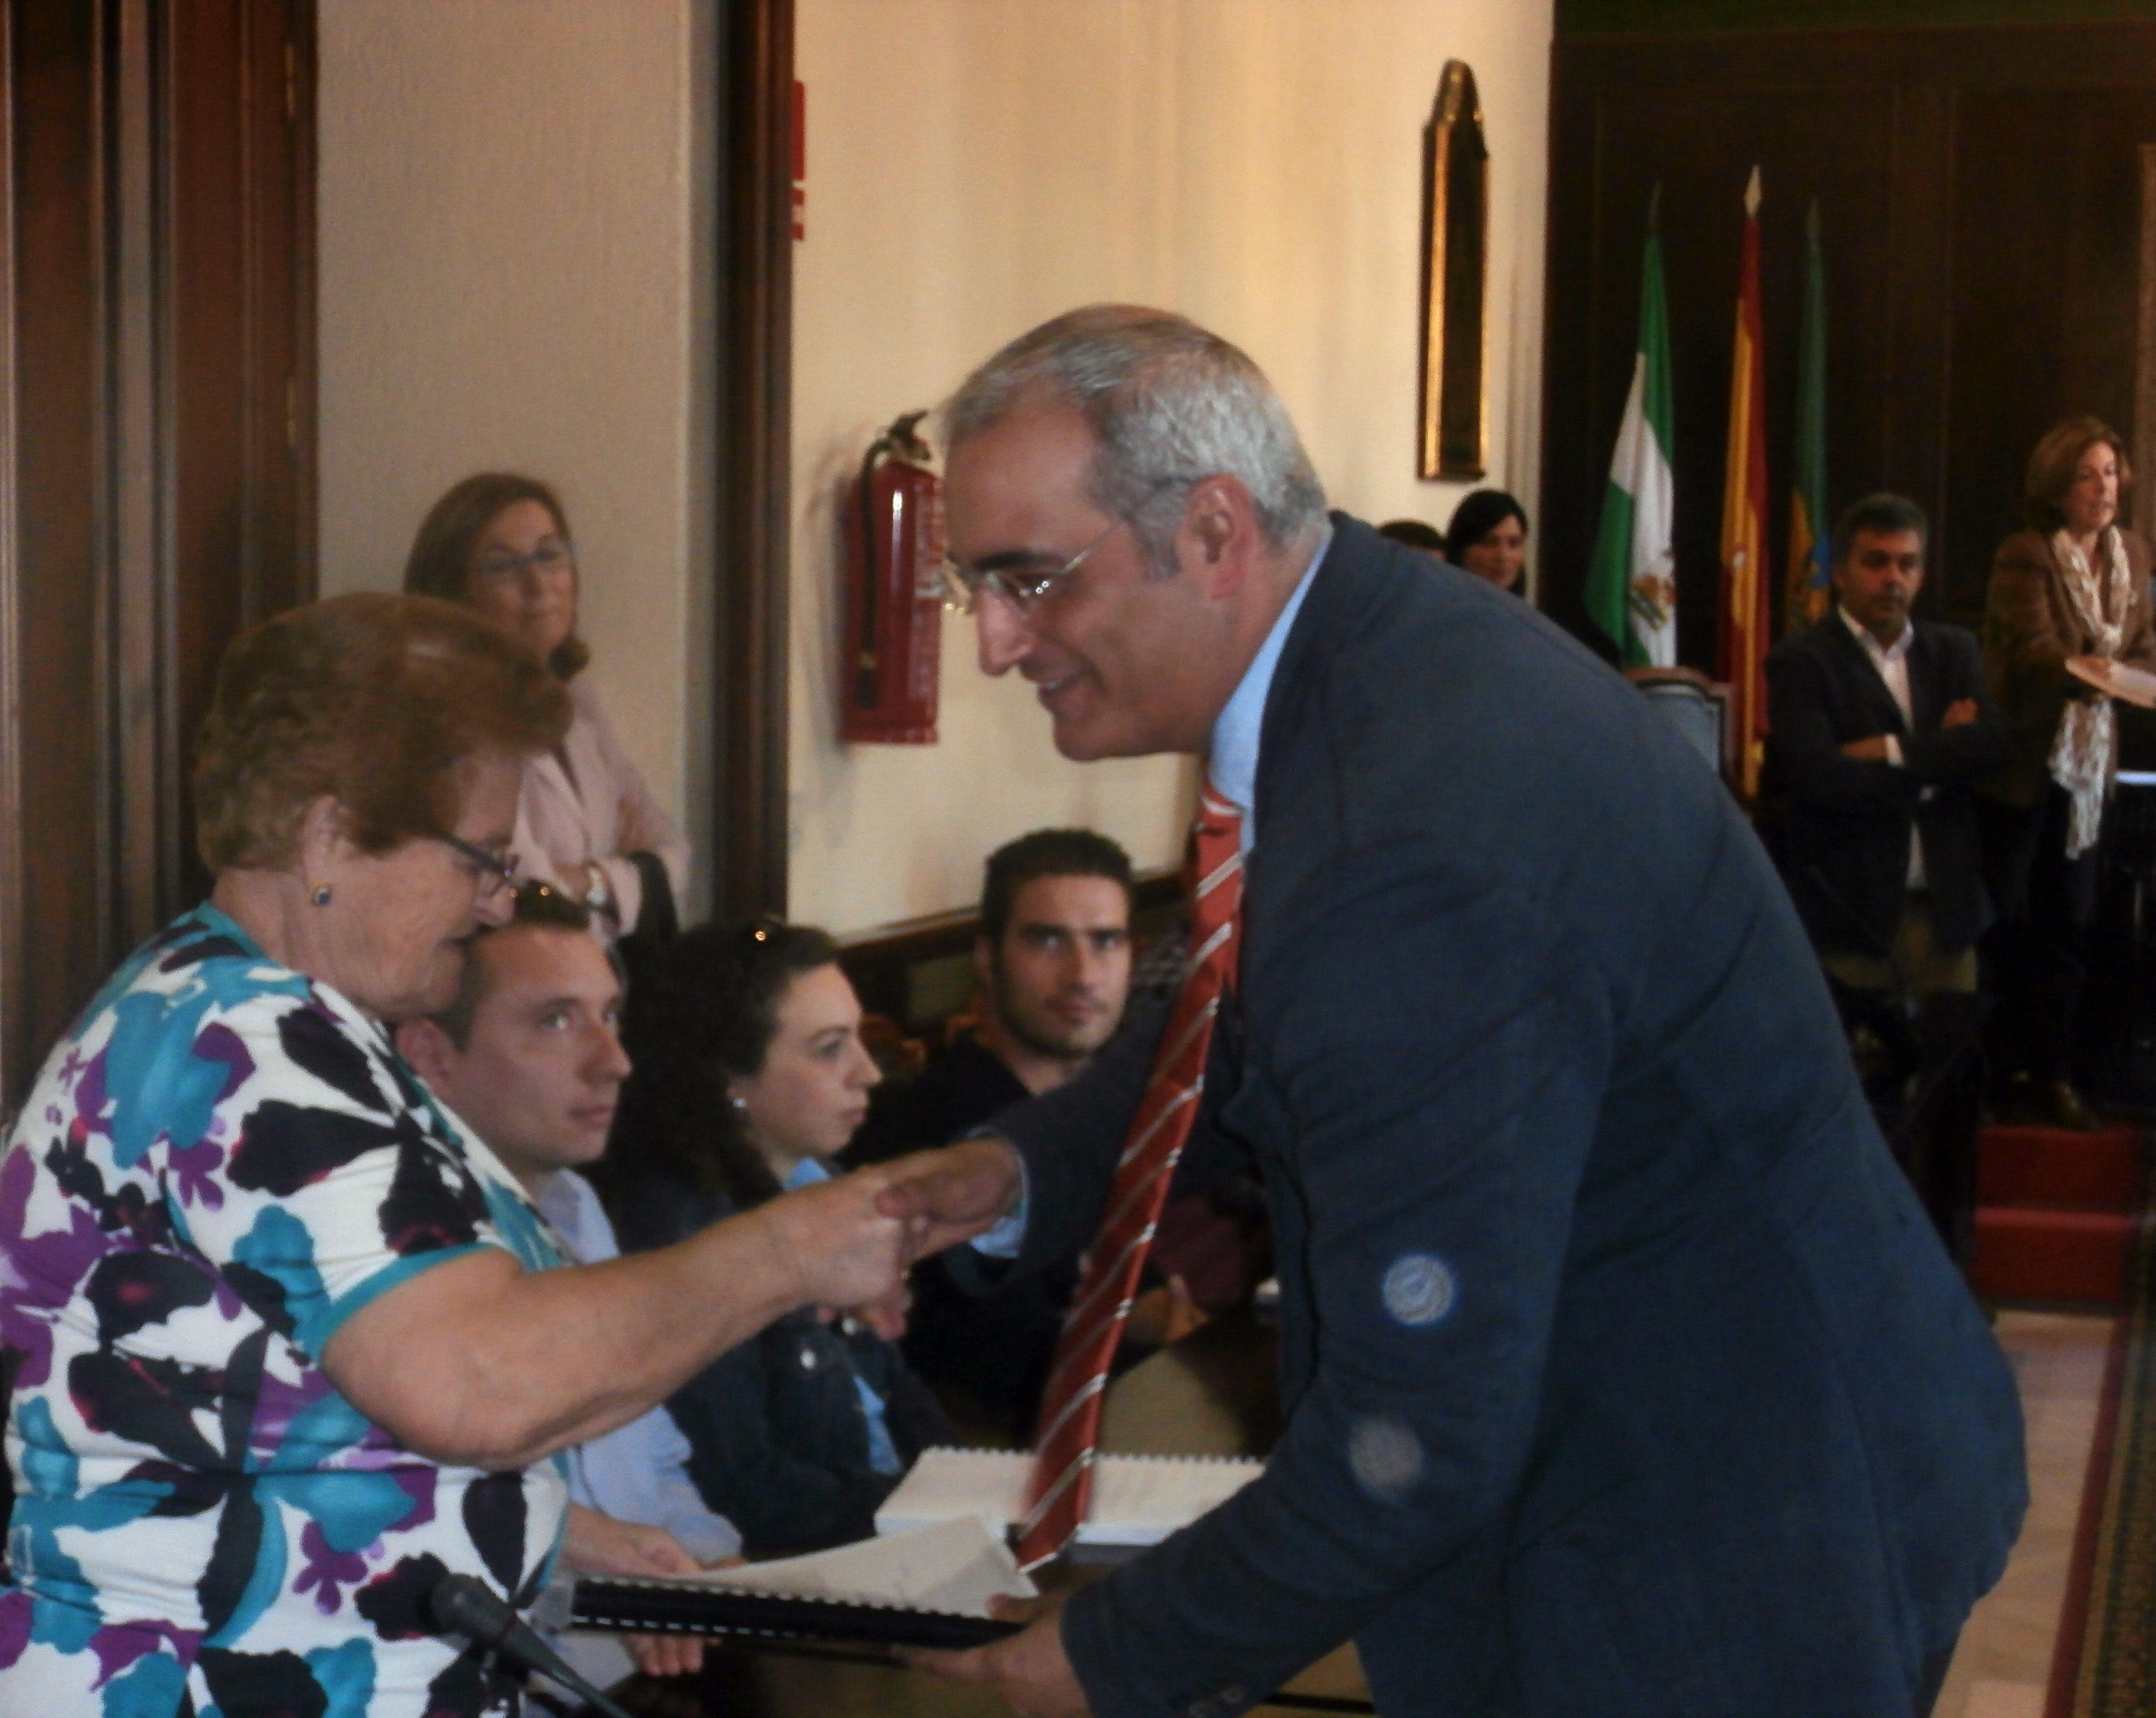 El Salón de Plenos portuense acoge la entrega de los proyectos subvencionados por el programa Rehabilitación Autonómica 2009